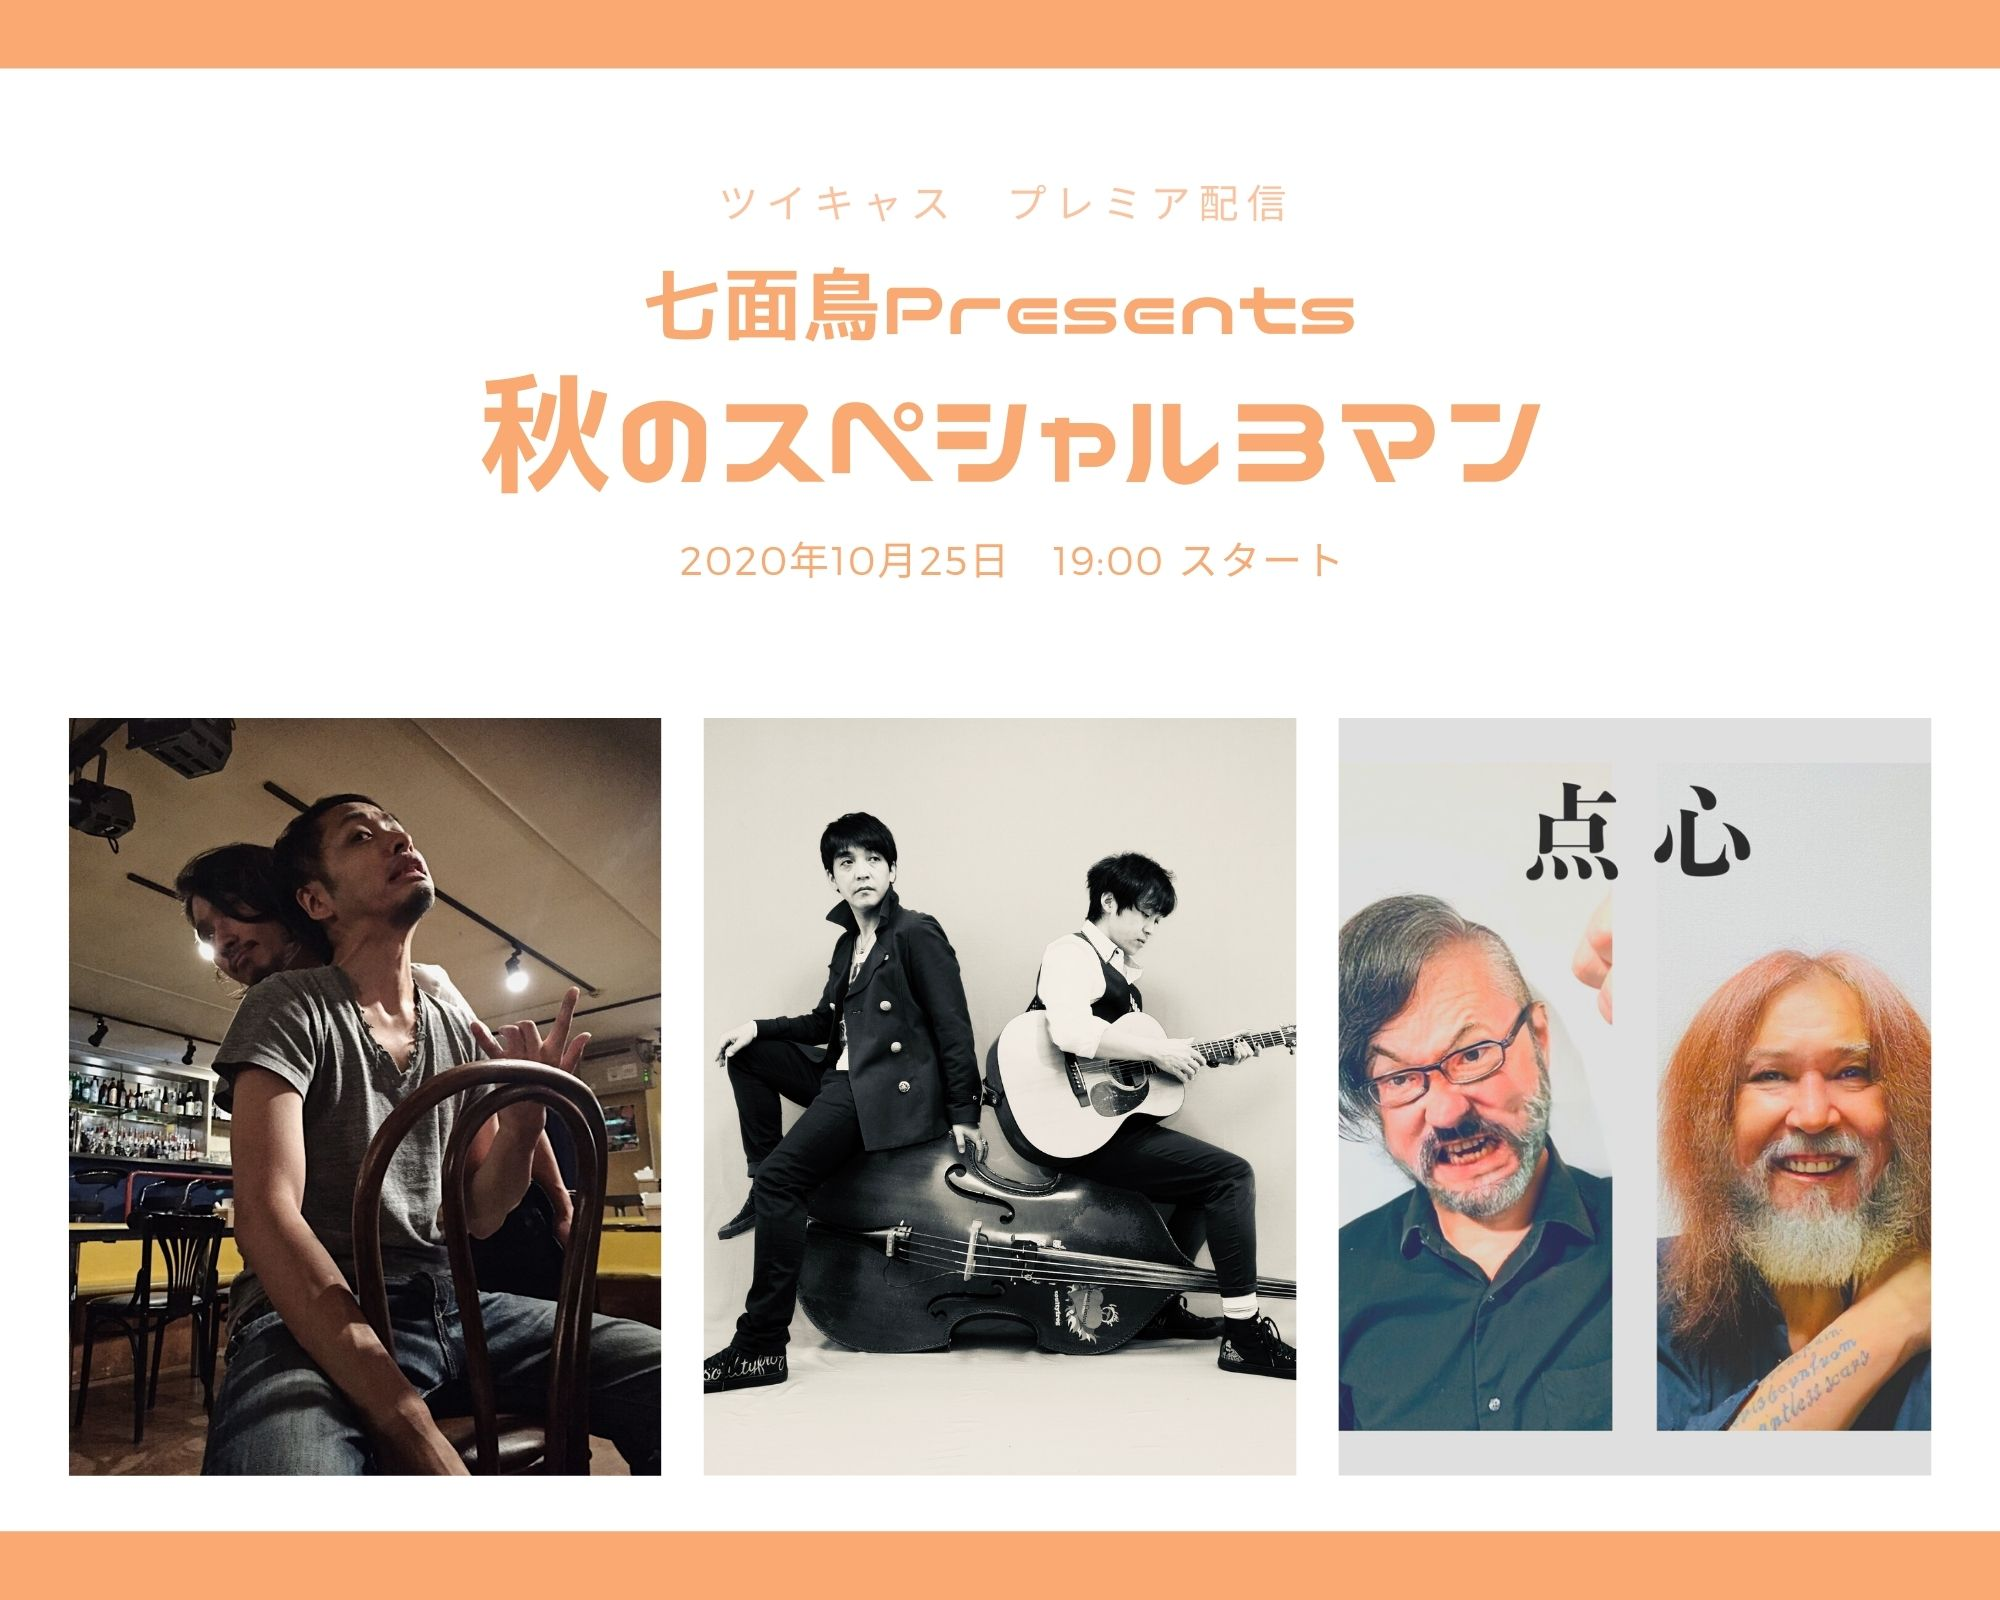 七面鳥Presents 秋のスペシャル3マン